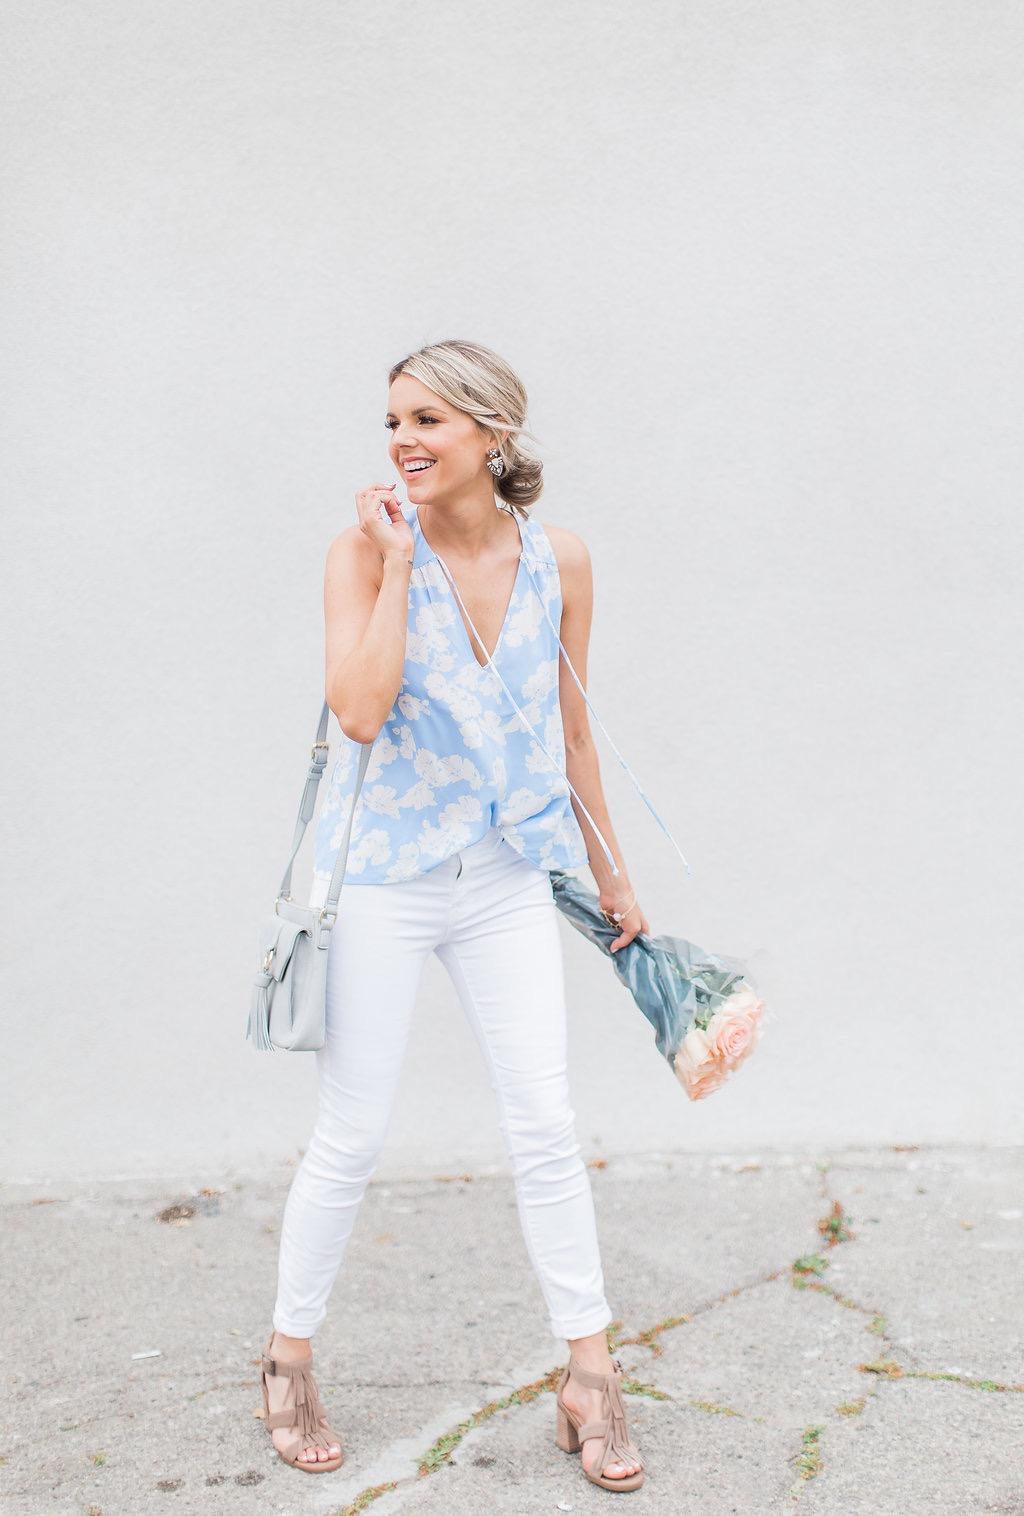 Blondtöne Farbpalette - Frühlingstyp Farben wählen